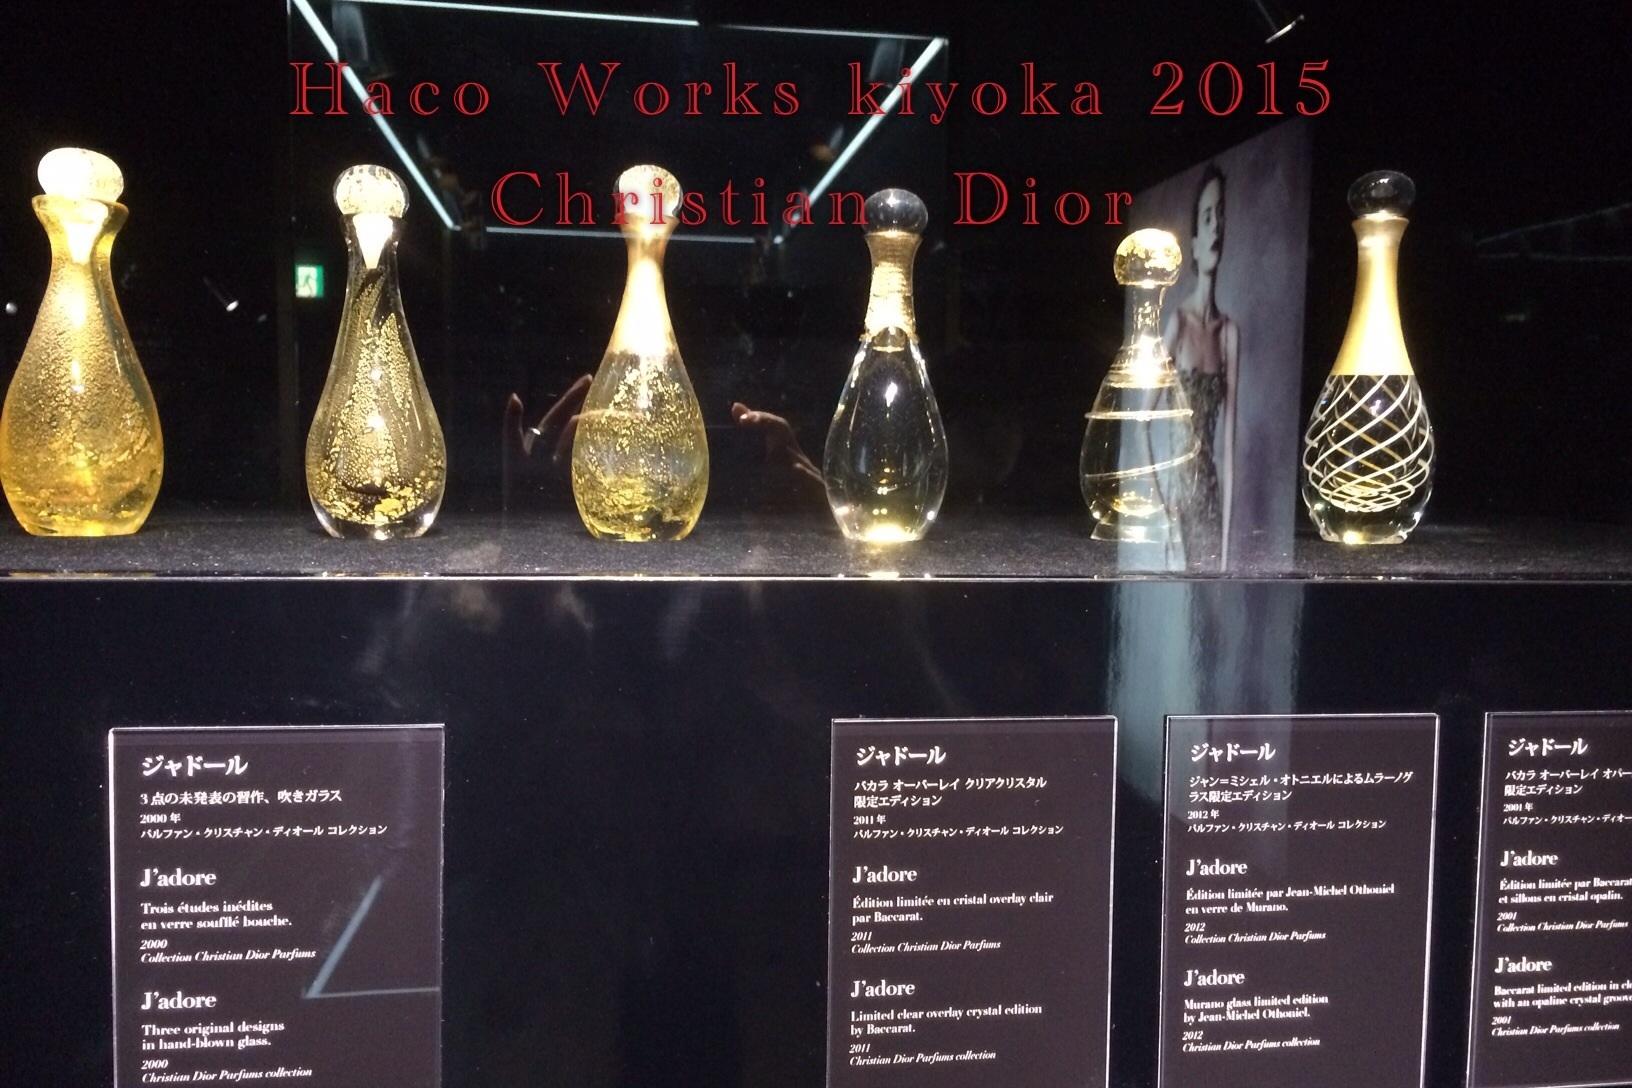 Christian Dior  連日です。_f0163575_21152891.jpg